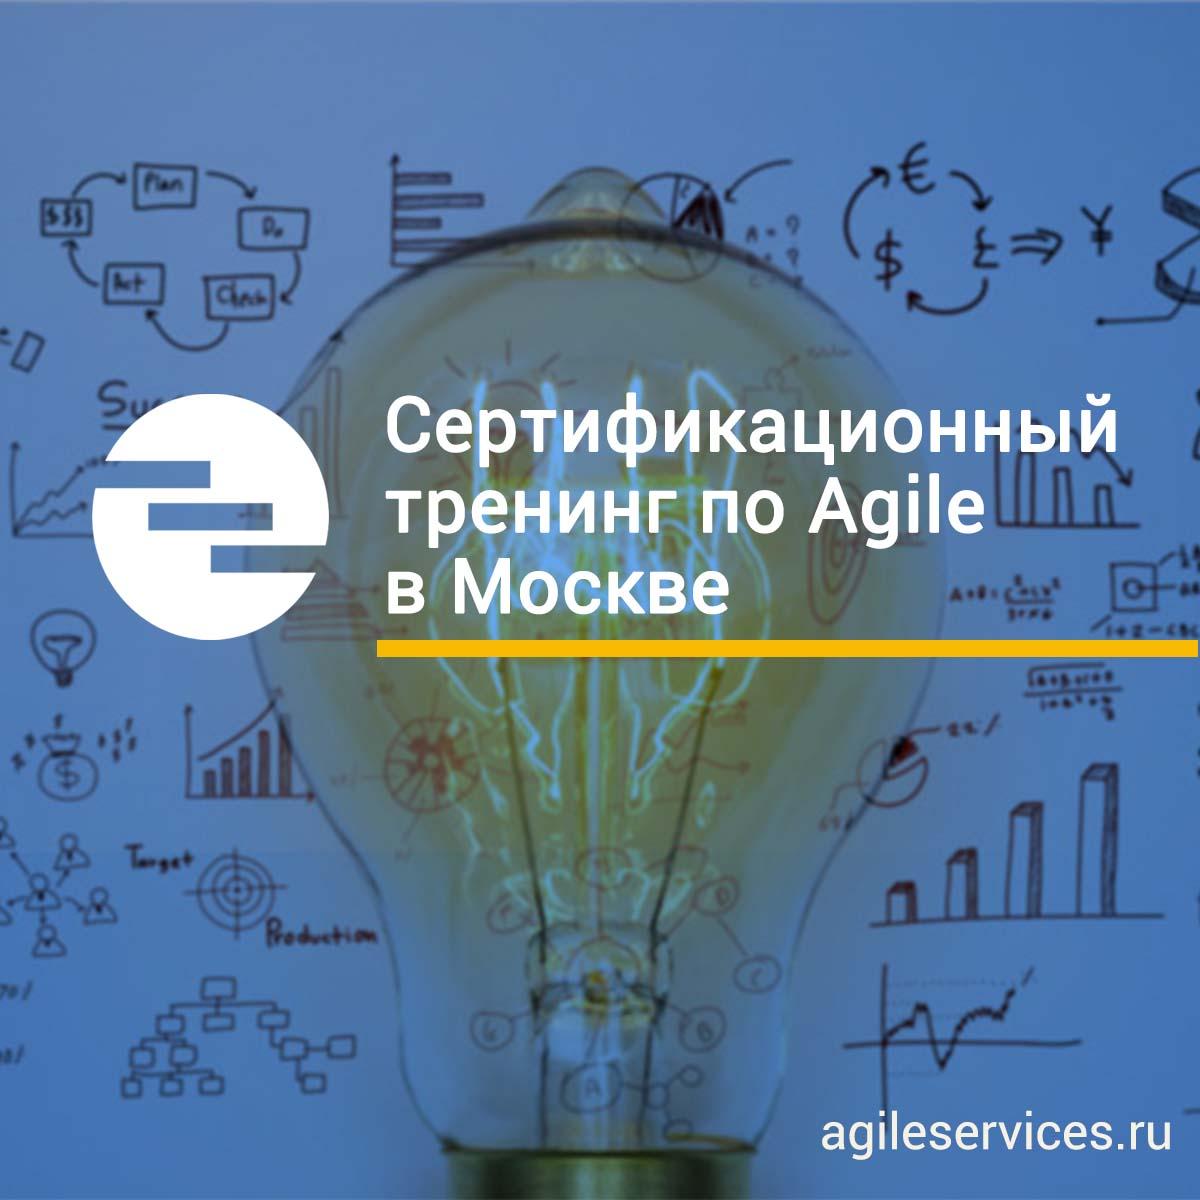 Баннеры для сайта agileservices.ru